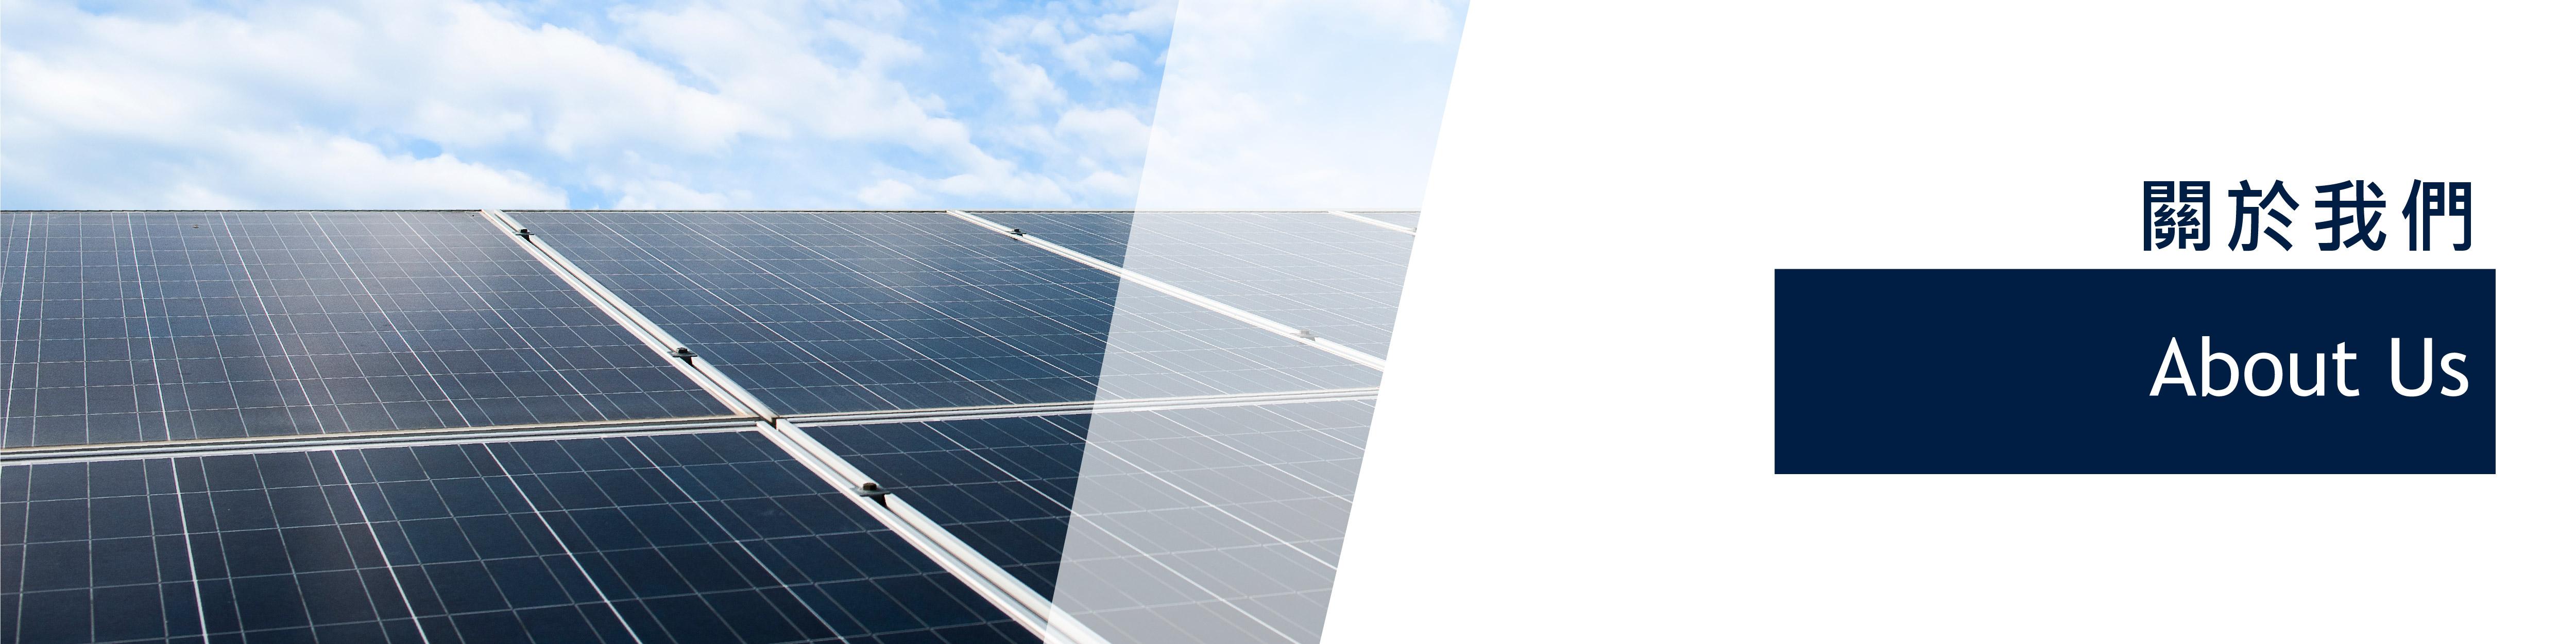 潔淨能源獎勵計畫